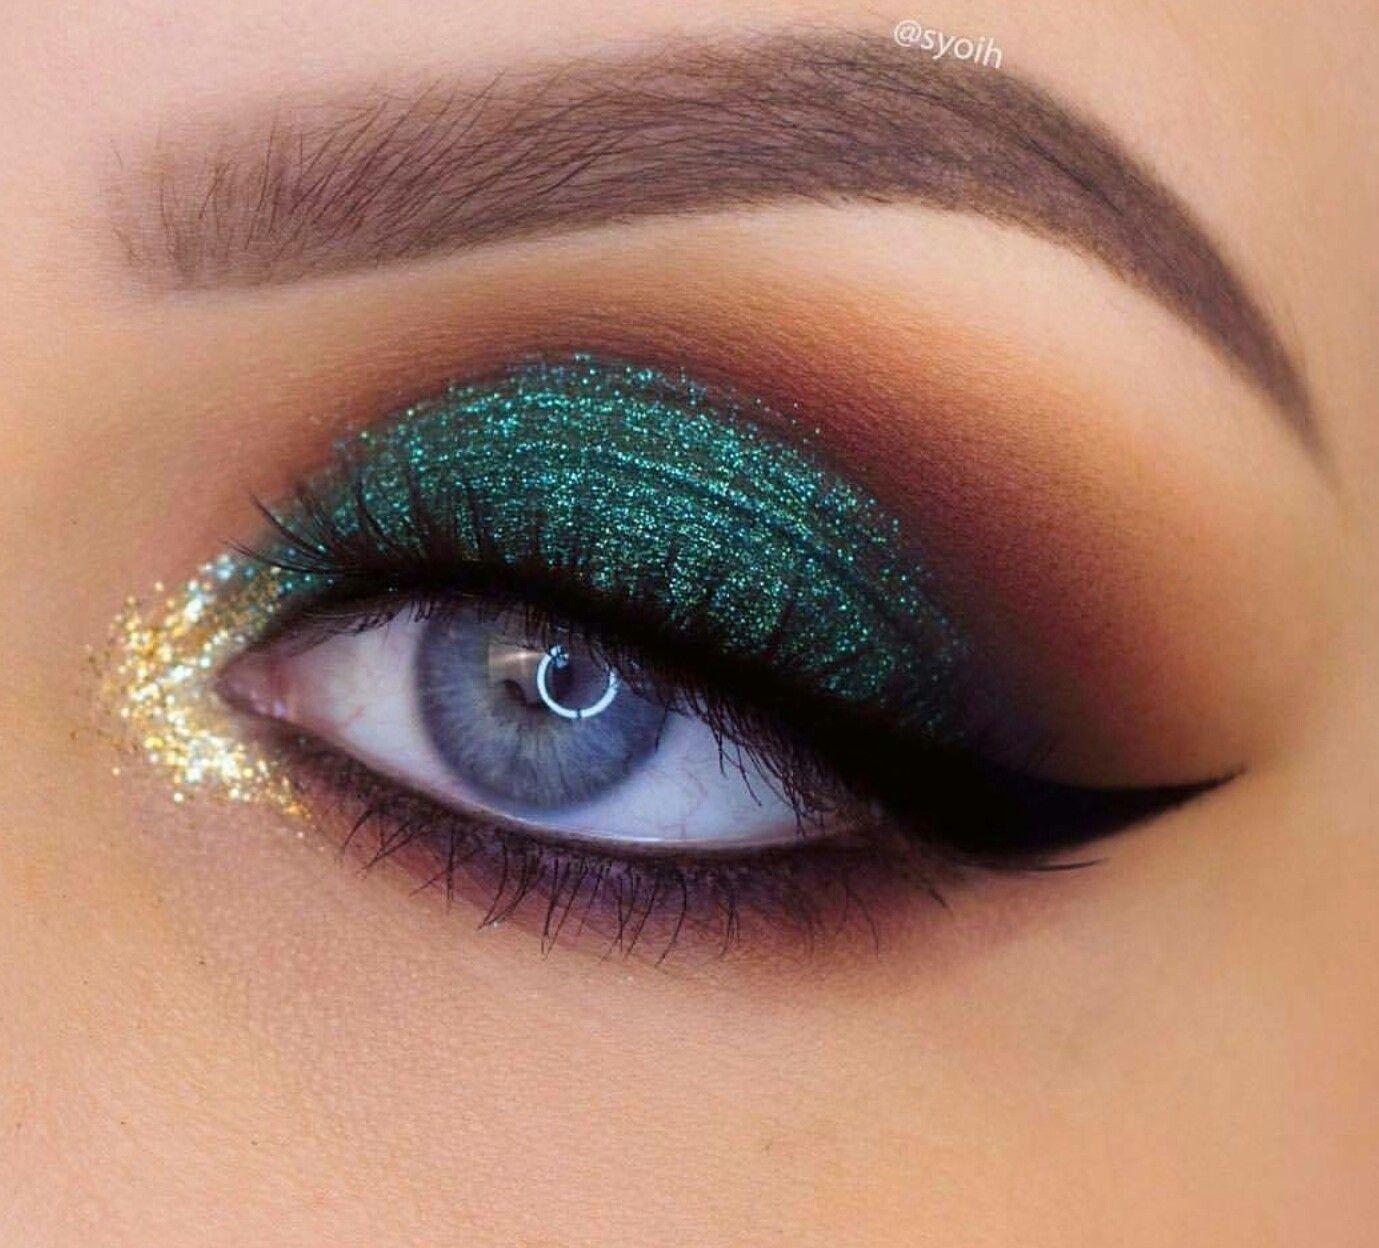 Sombra verde e iluminado dourado no cantinho do olho fashion